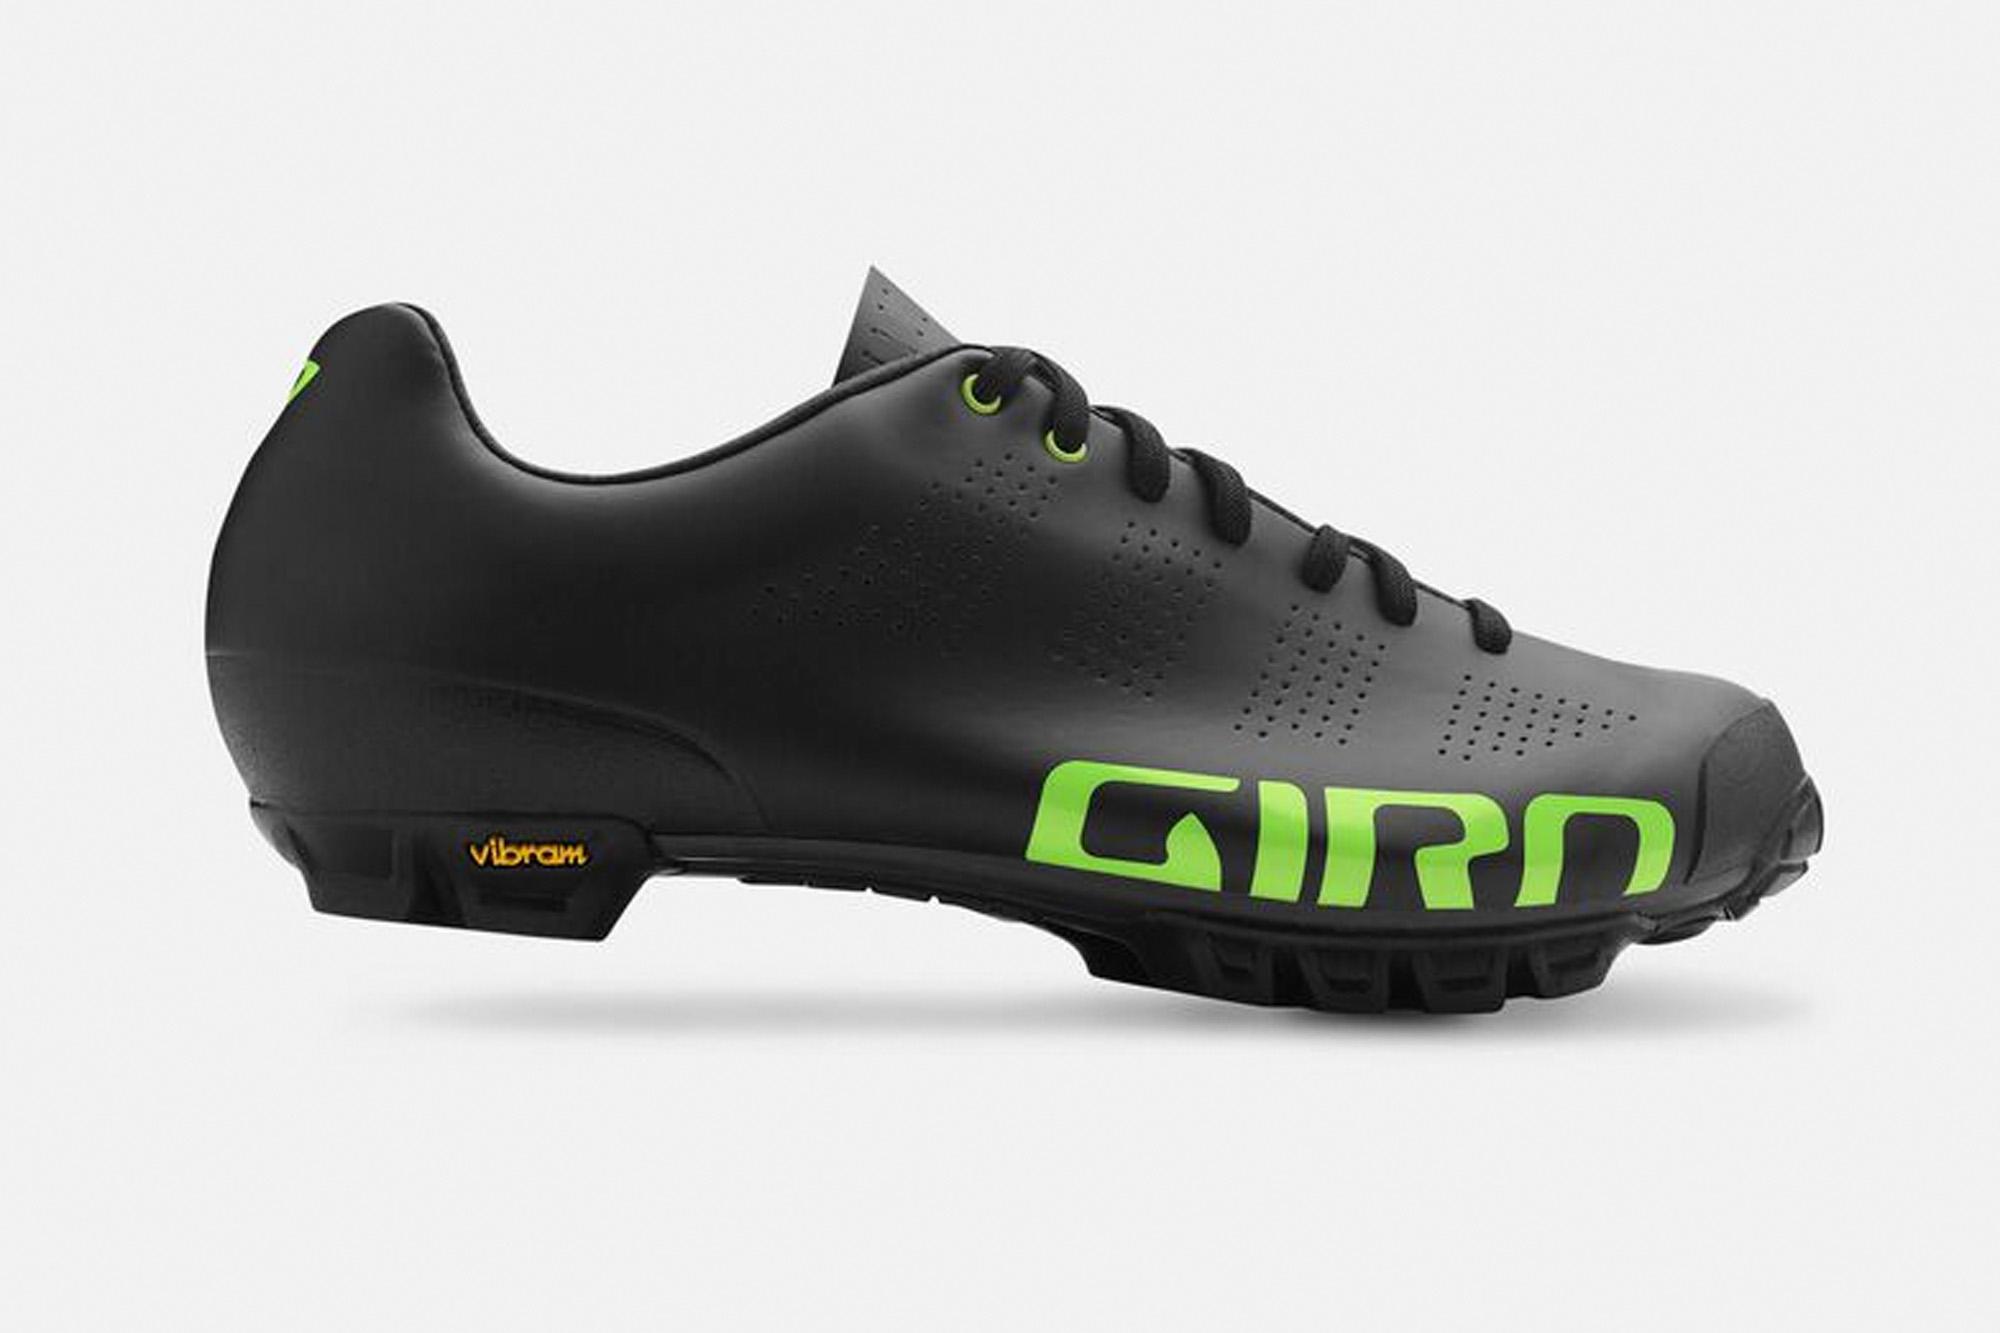 Giro cykelsko: Giro Empire VR90